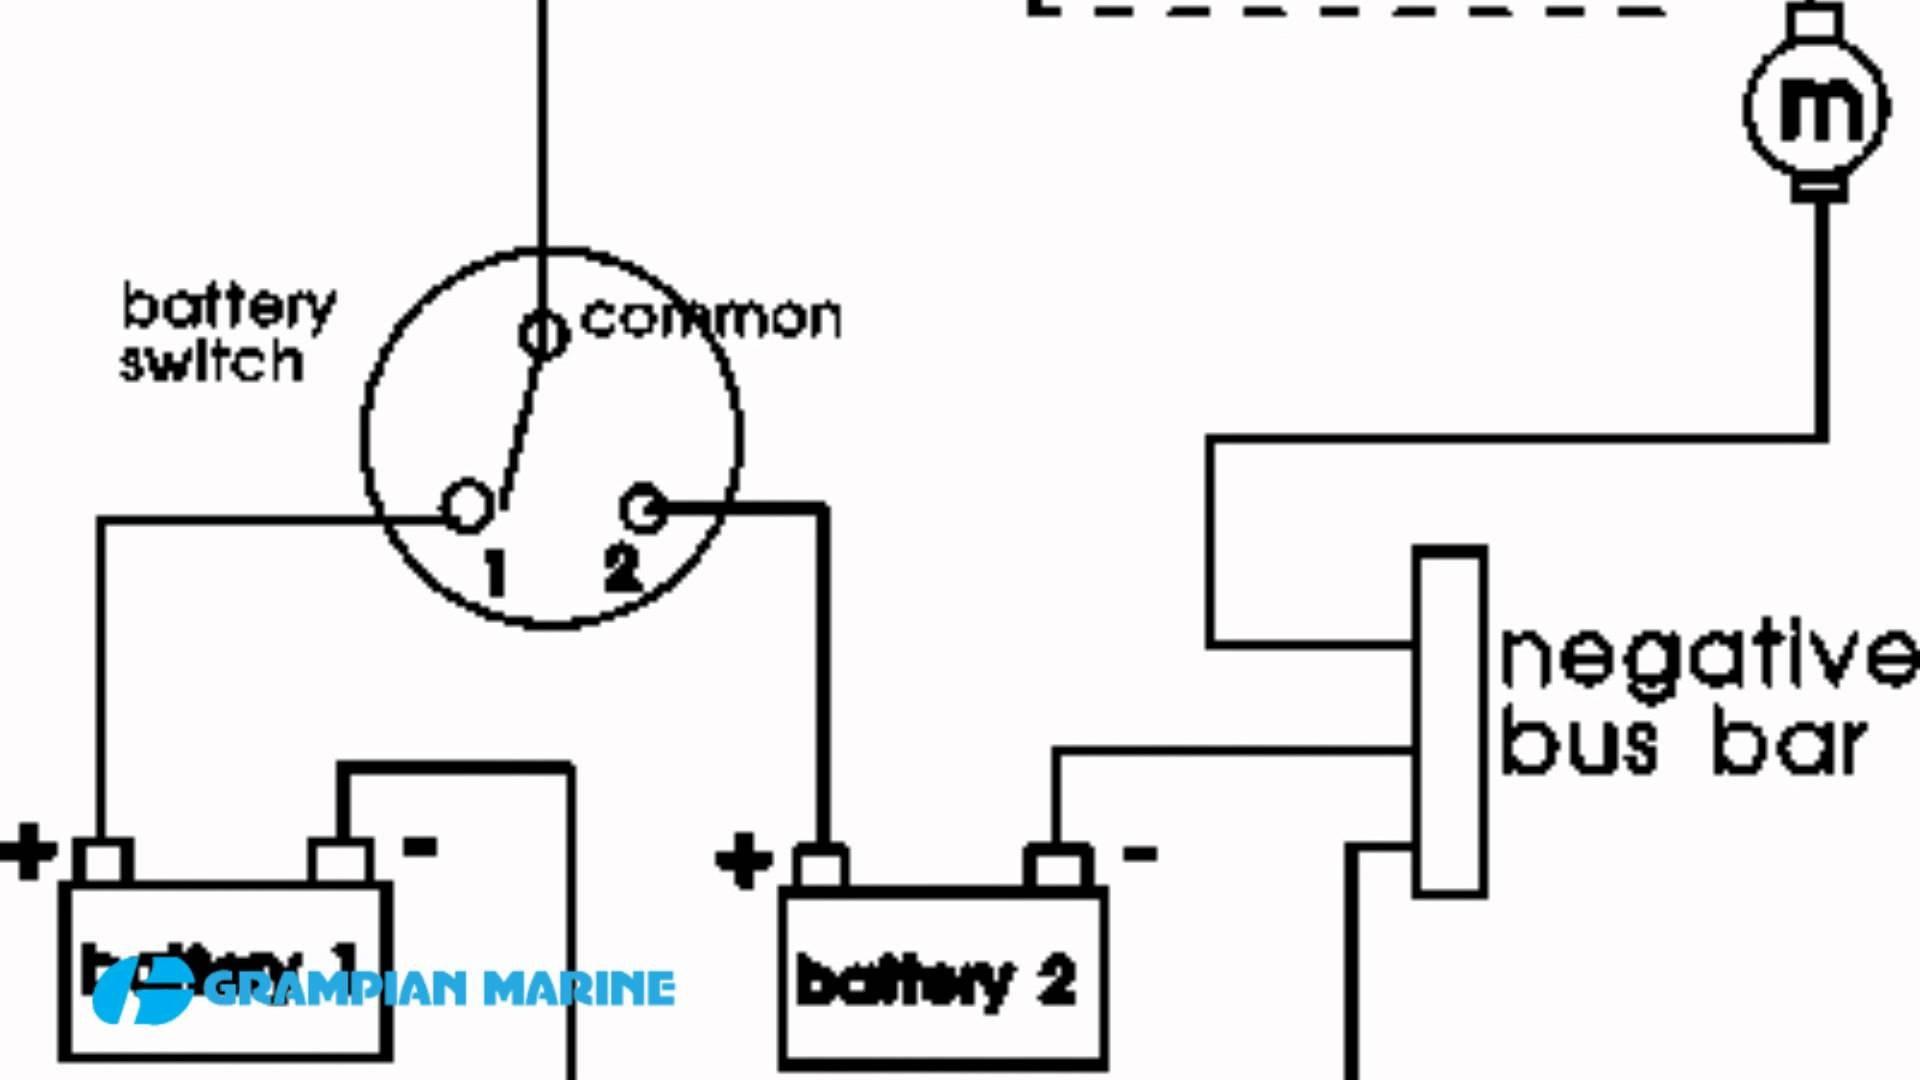 Perko Navigation Light Wiring Diagram | Wiring Diagram - Perko Battery Switch Wiring Diagram